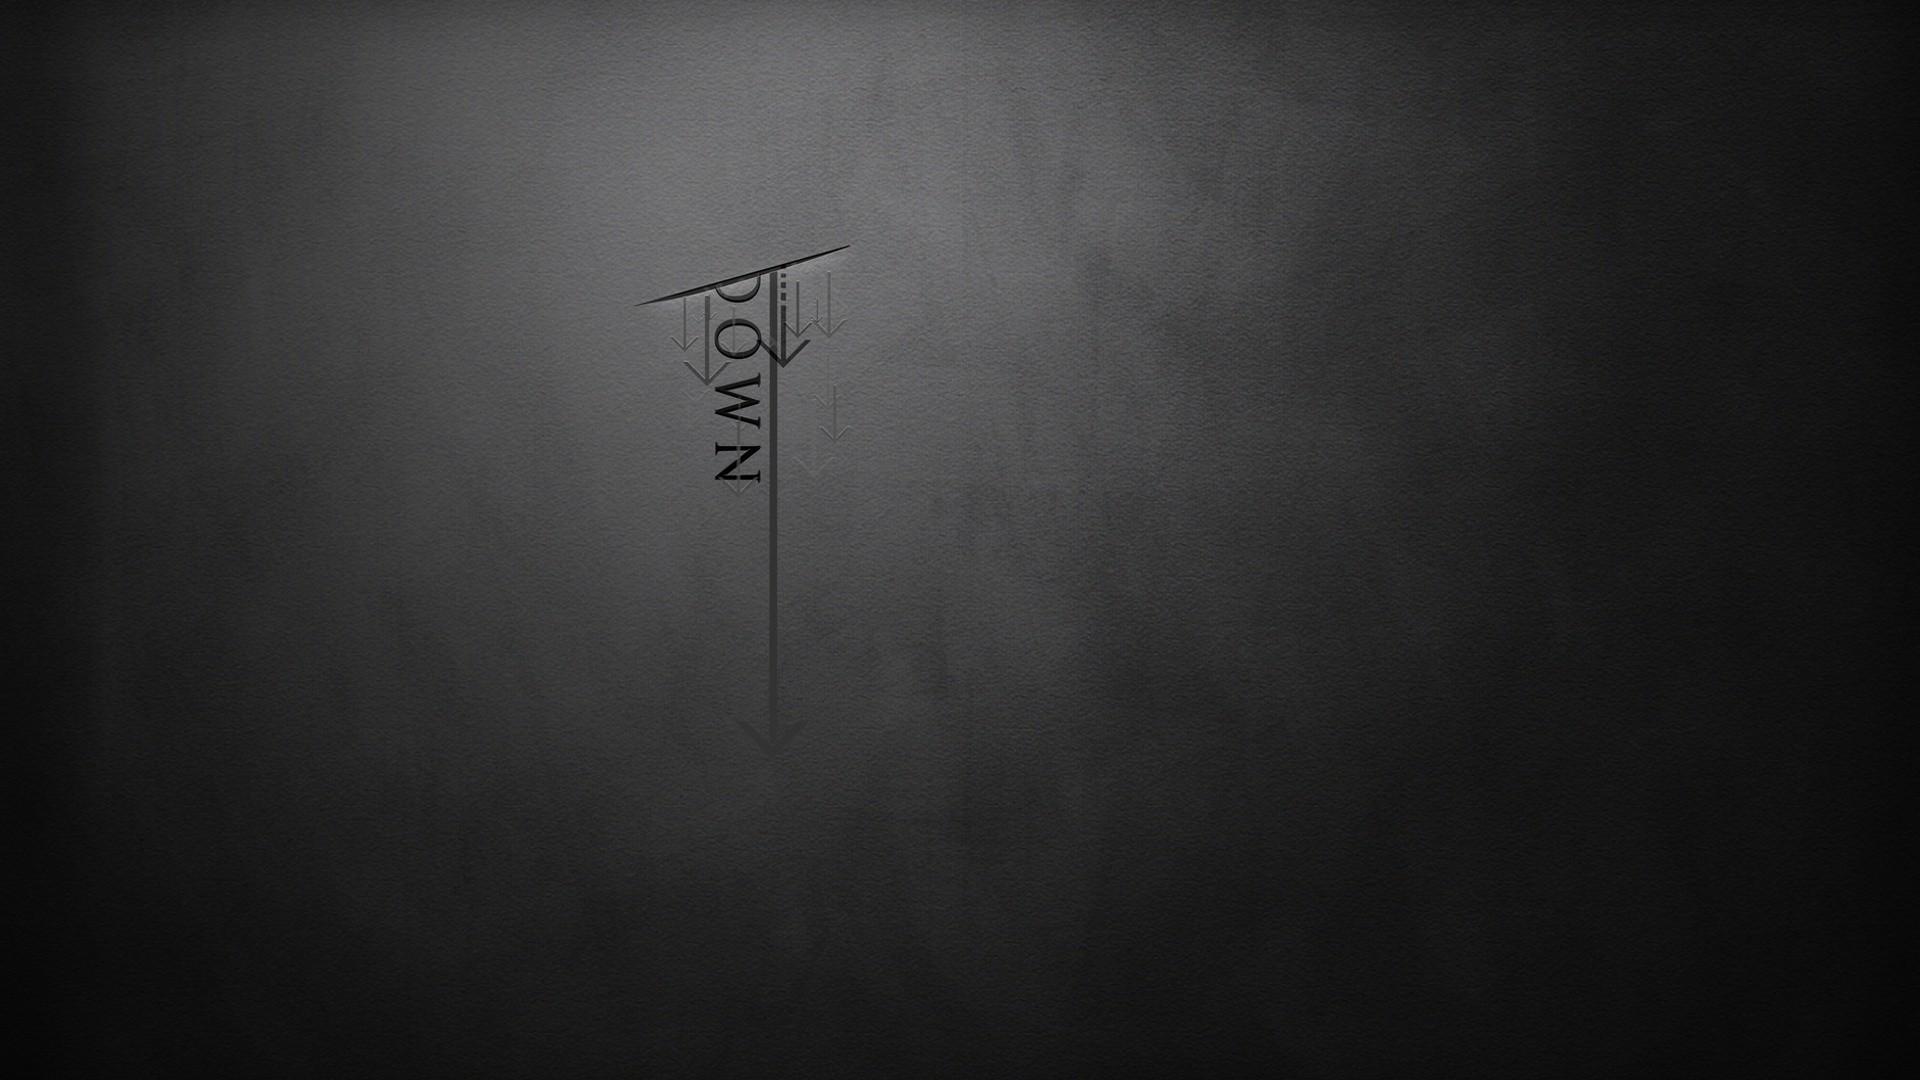 1920x1080 Minimalistic Dark Wallpaper Mathematics